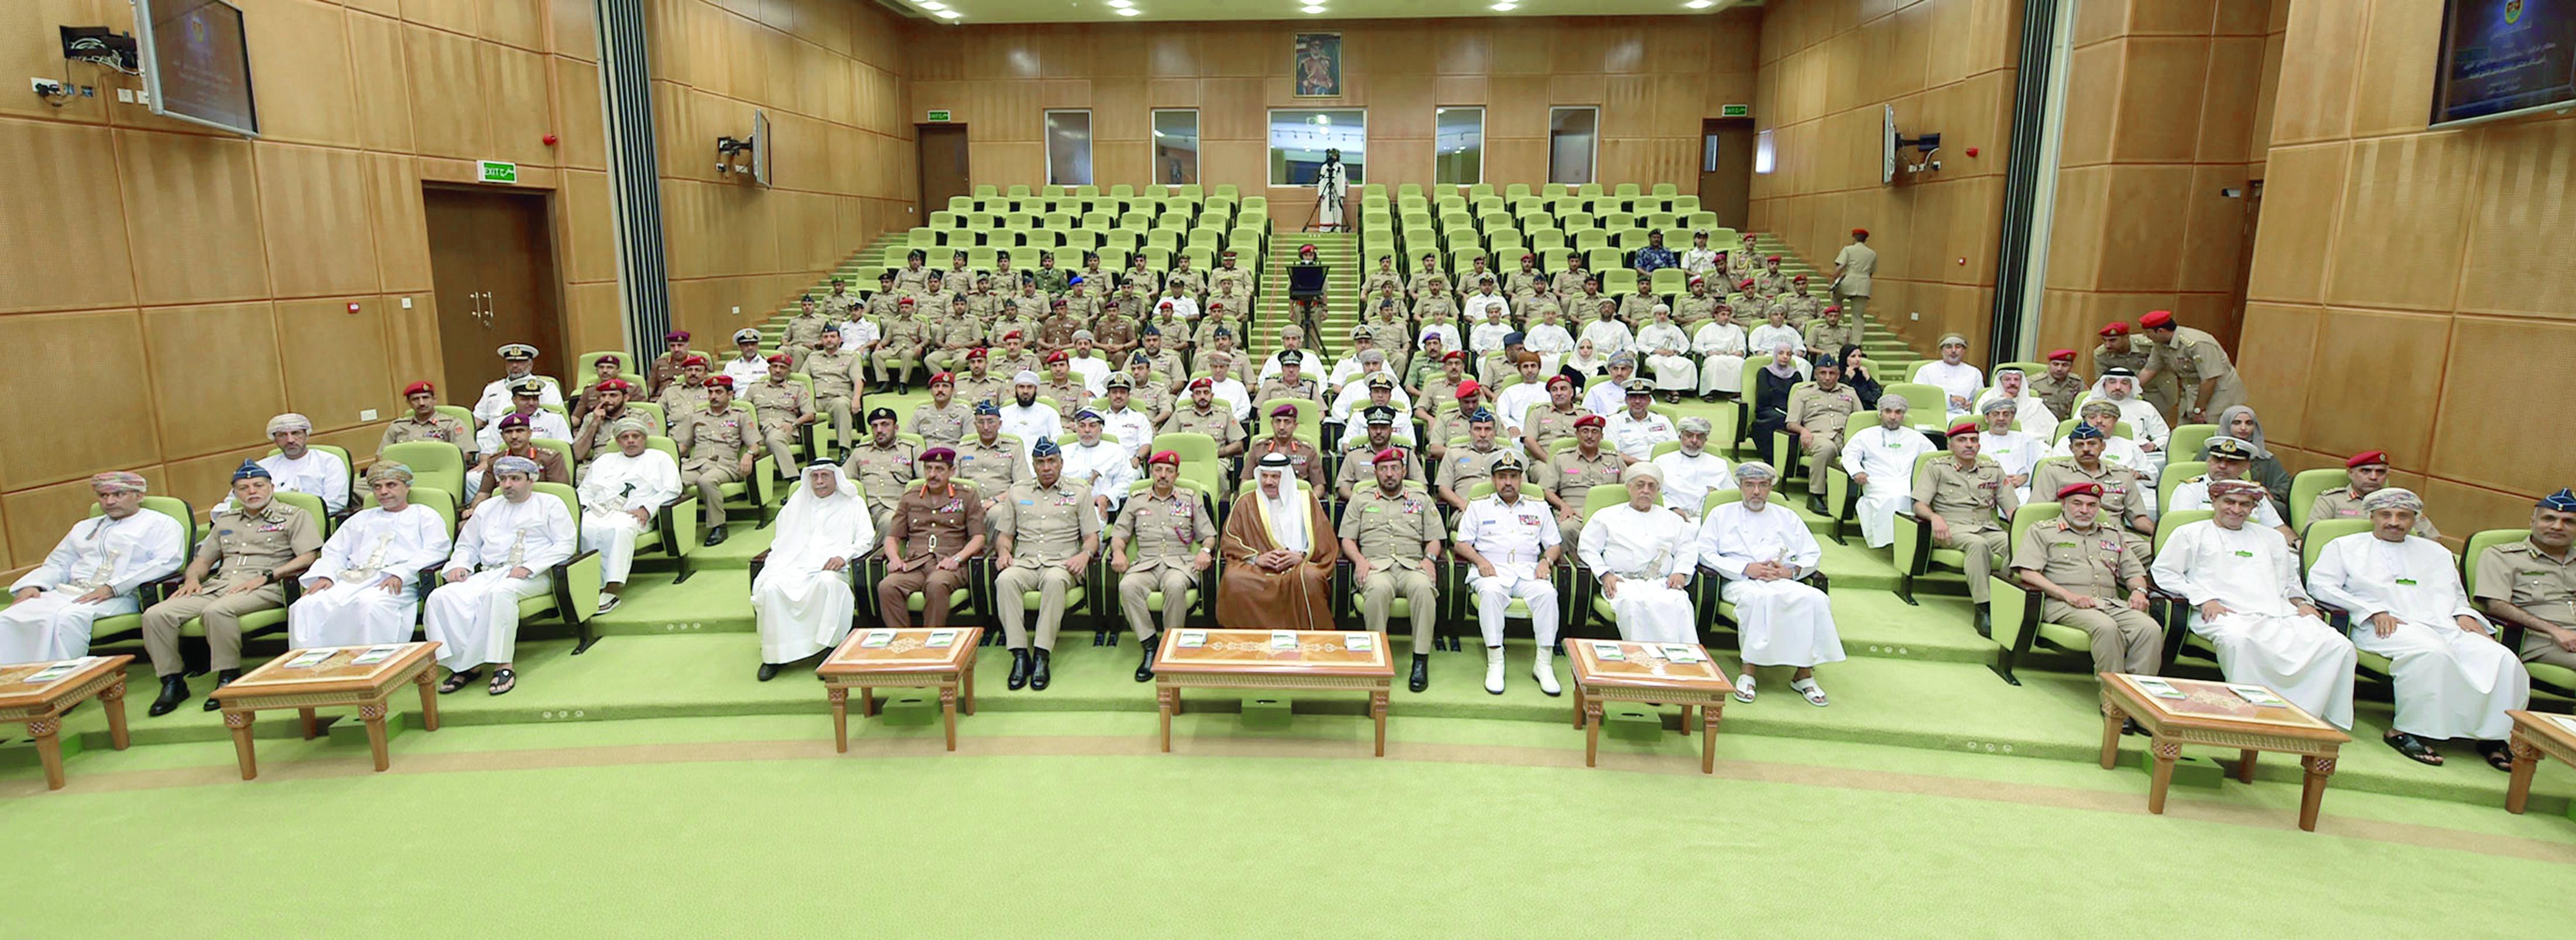 كلية الدفاع الوطني تستضيف أمين عام مجلس التعاون الخليجي